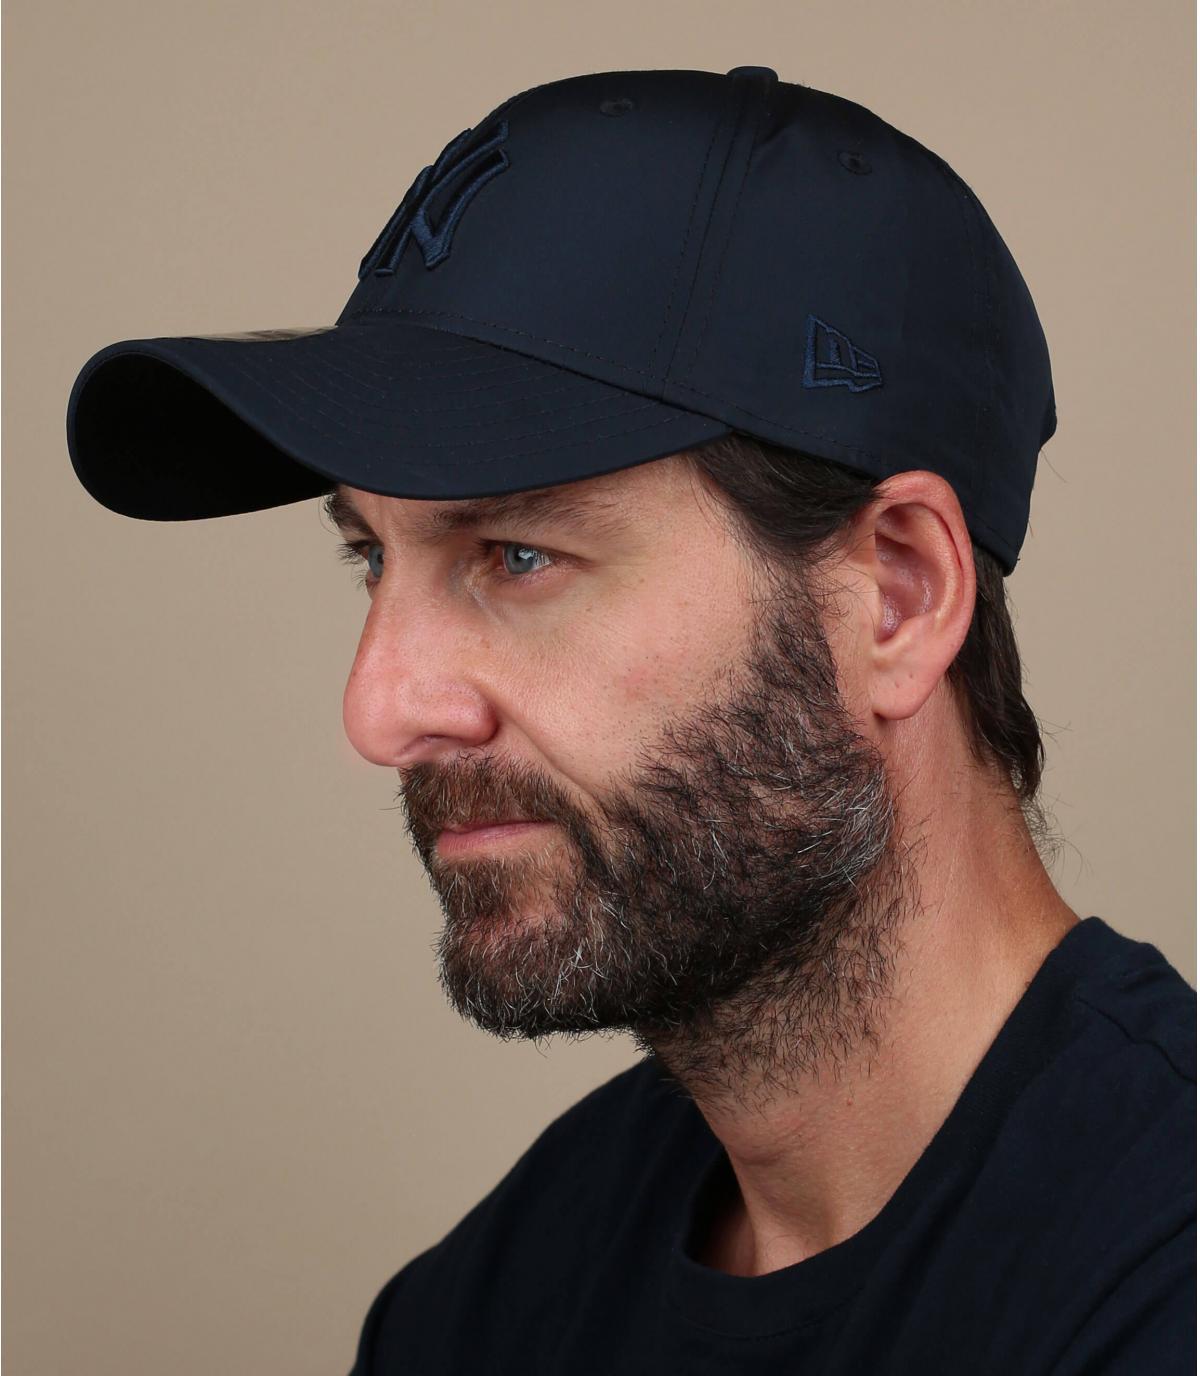 cappellino pieghevole nero NY